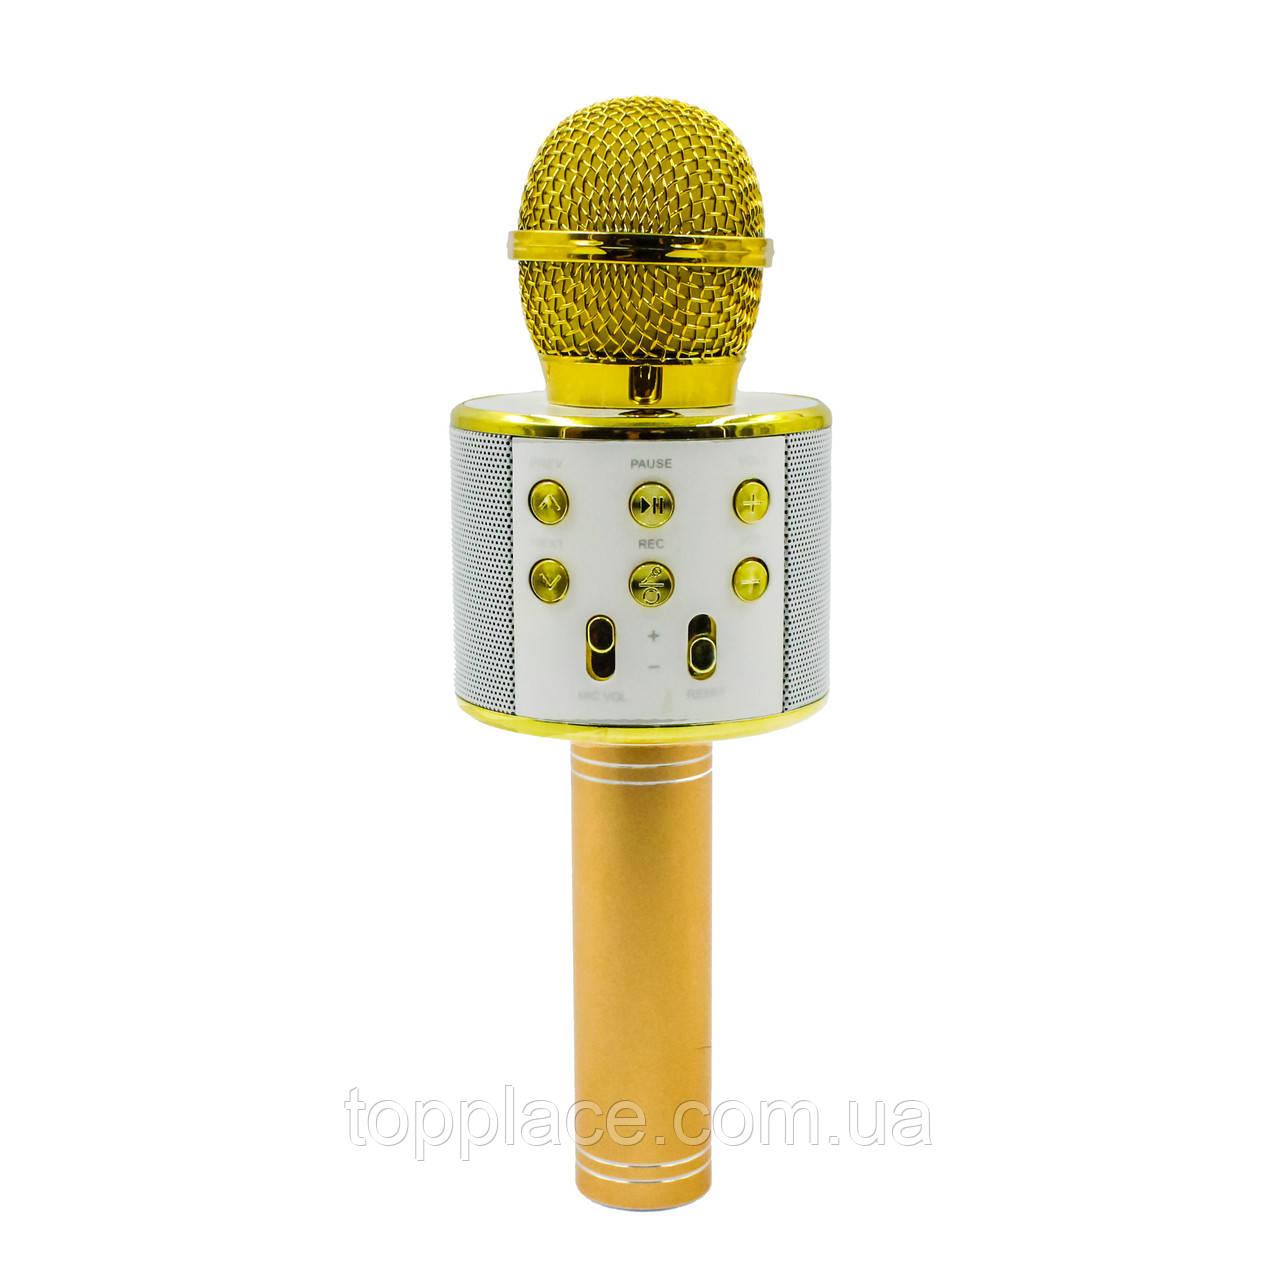 Портативный караоке микрофон Wster WS-858, Золотой